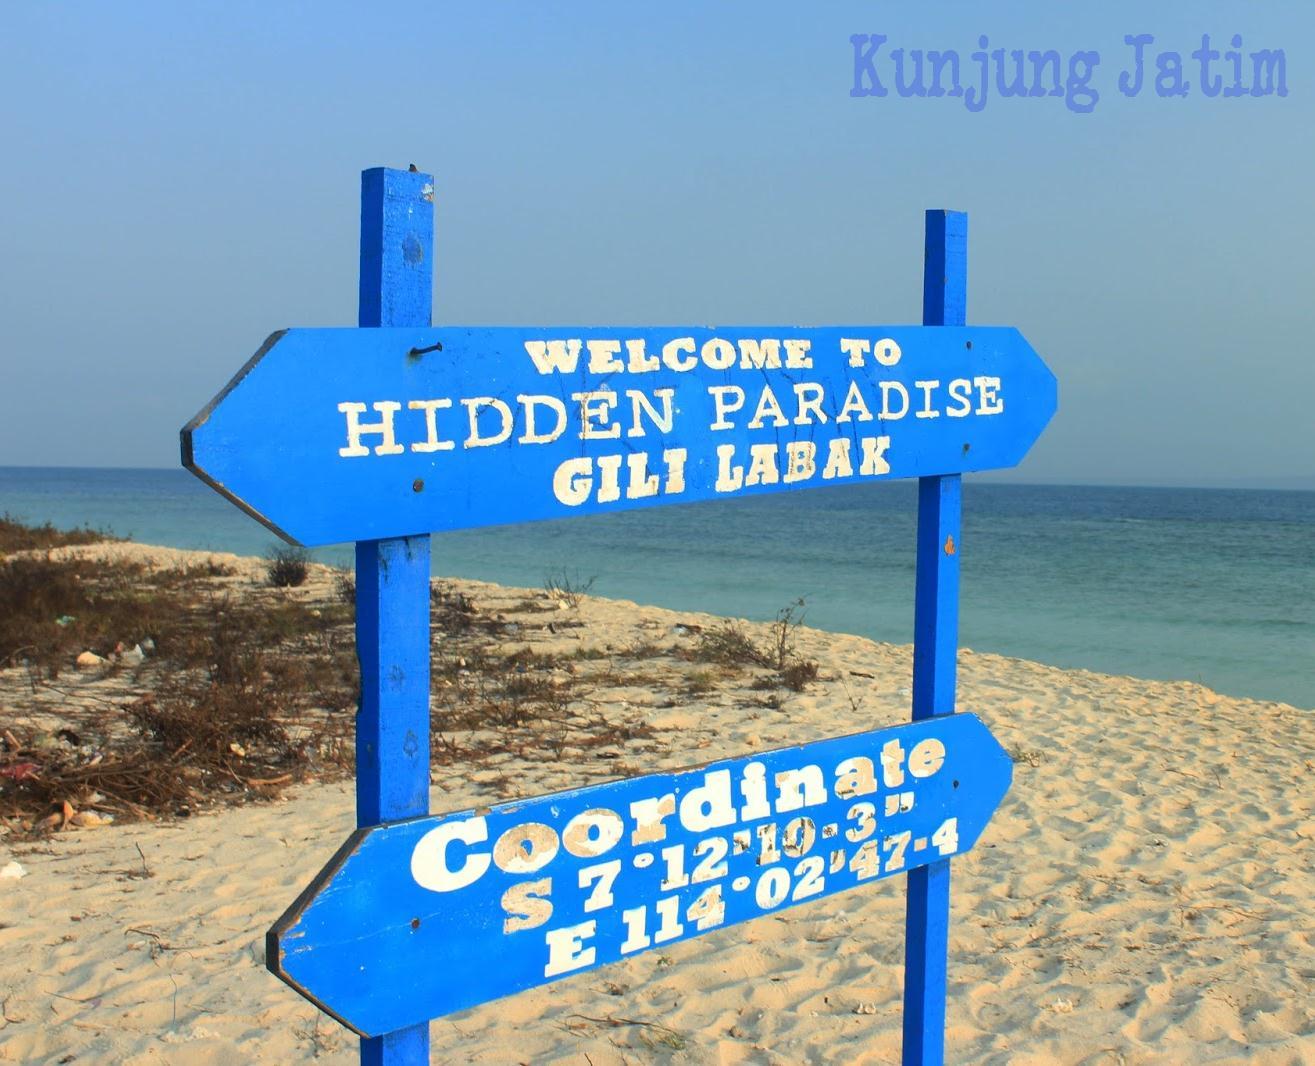 Pesona Pantai Gili Labak Sumenep Kunjung Jatim Wisata Menuju Pulau